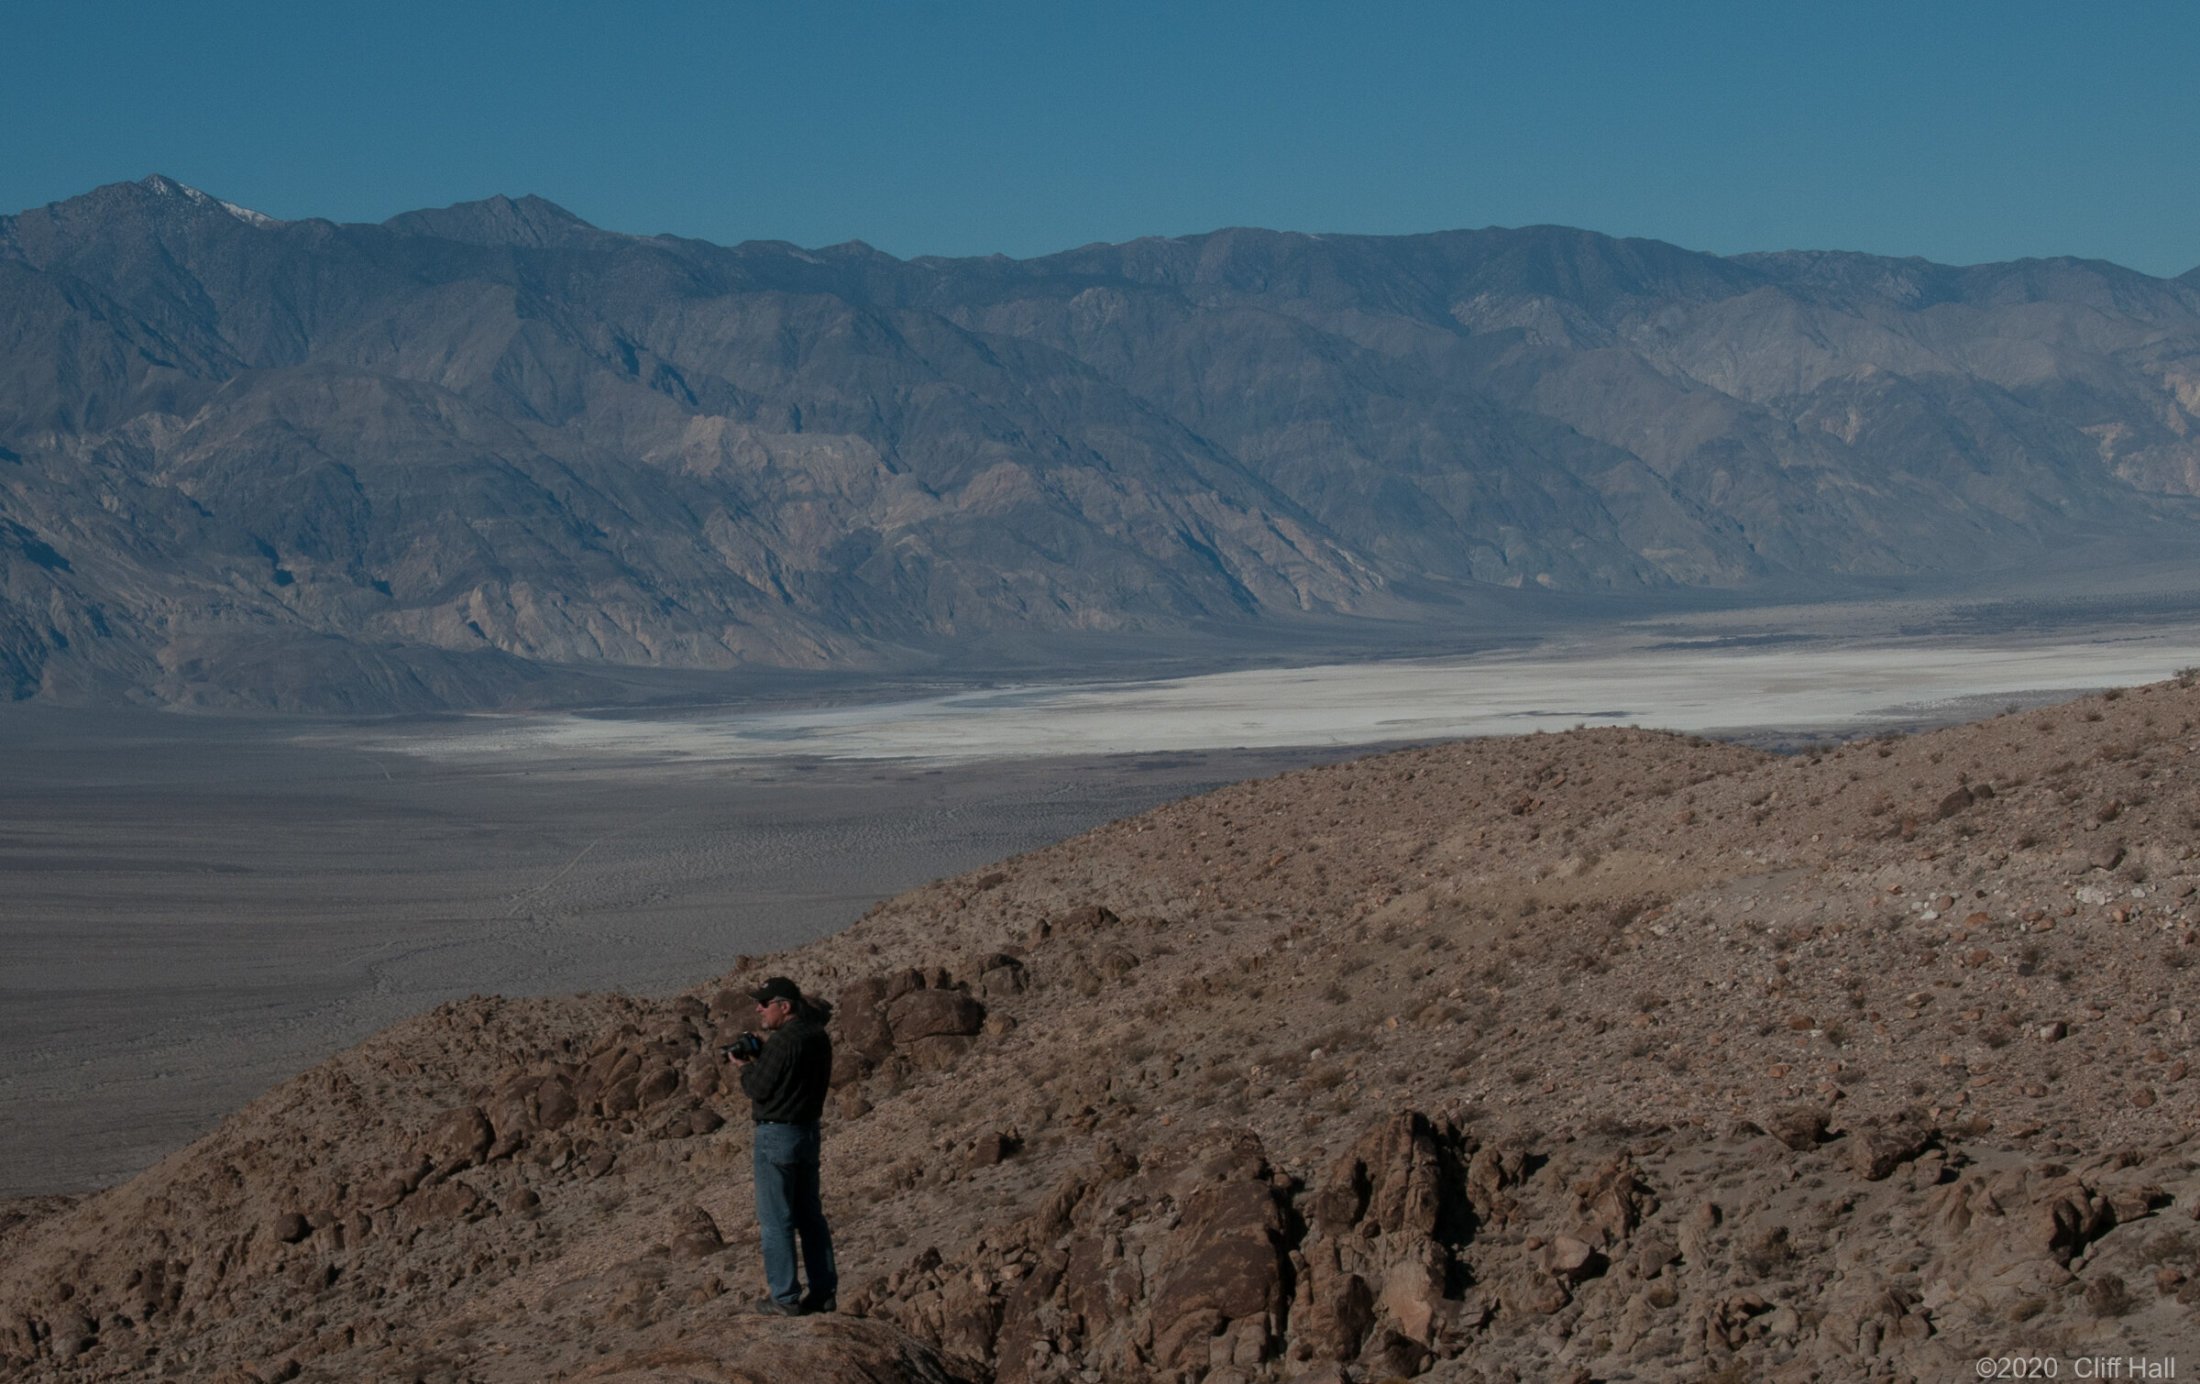 Tucker overlooking Saline Valley